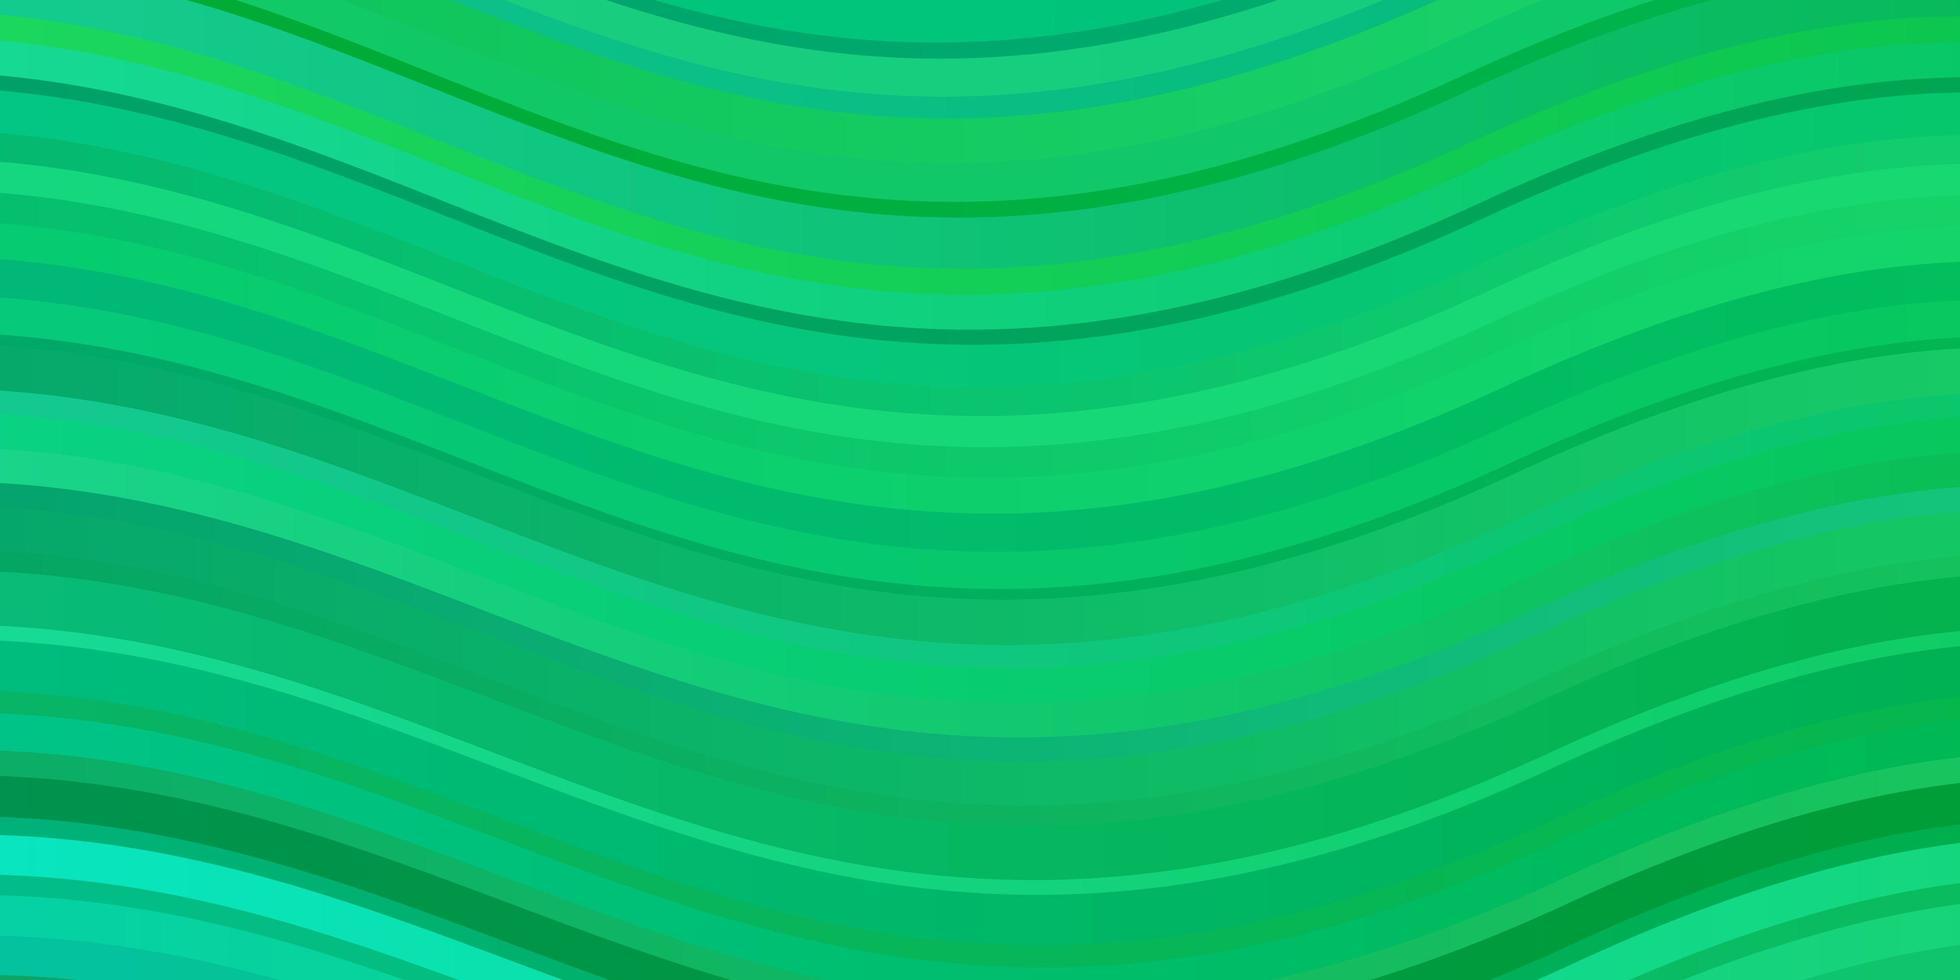 hellgrüner Hintergrund mit schiefen Linien. vektor